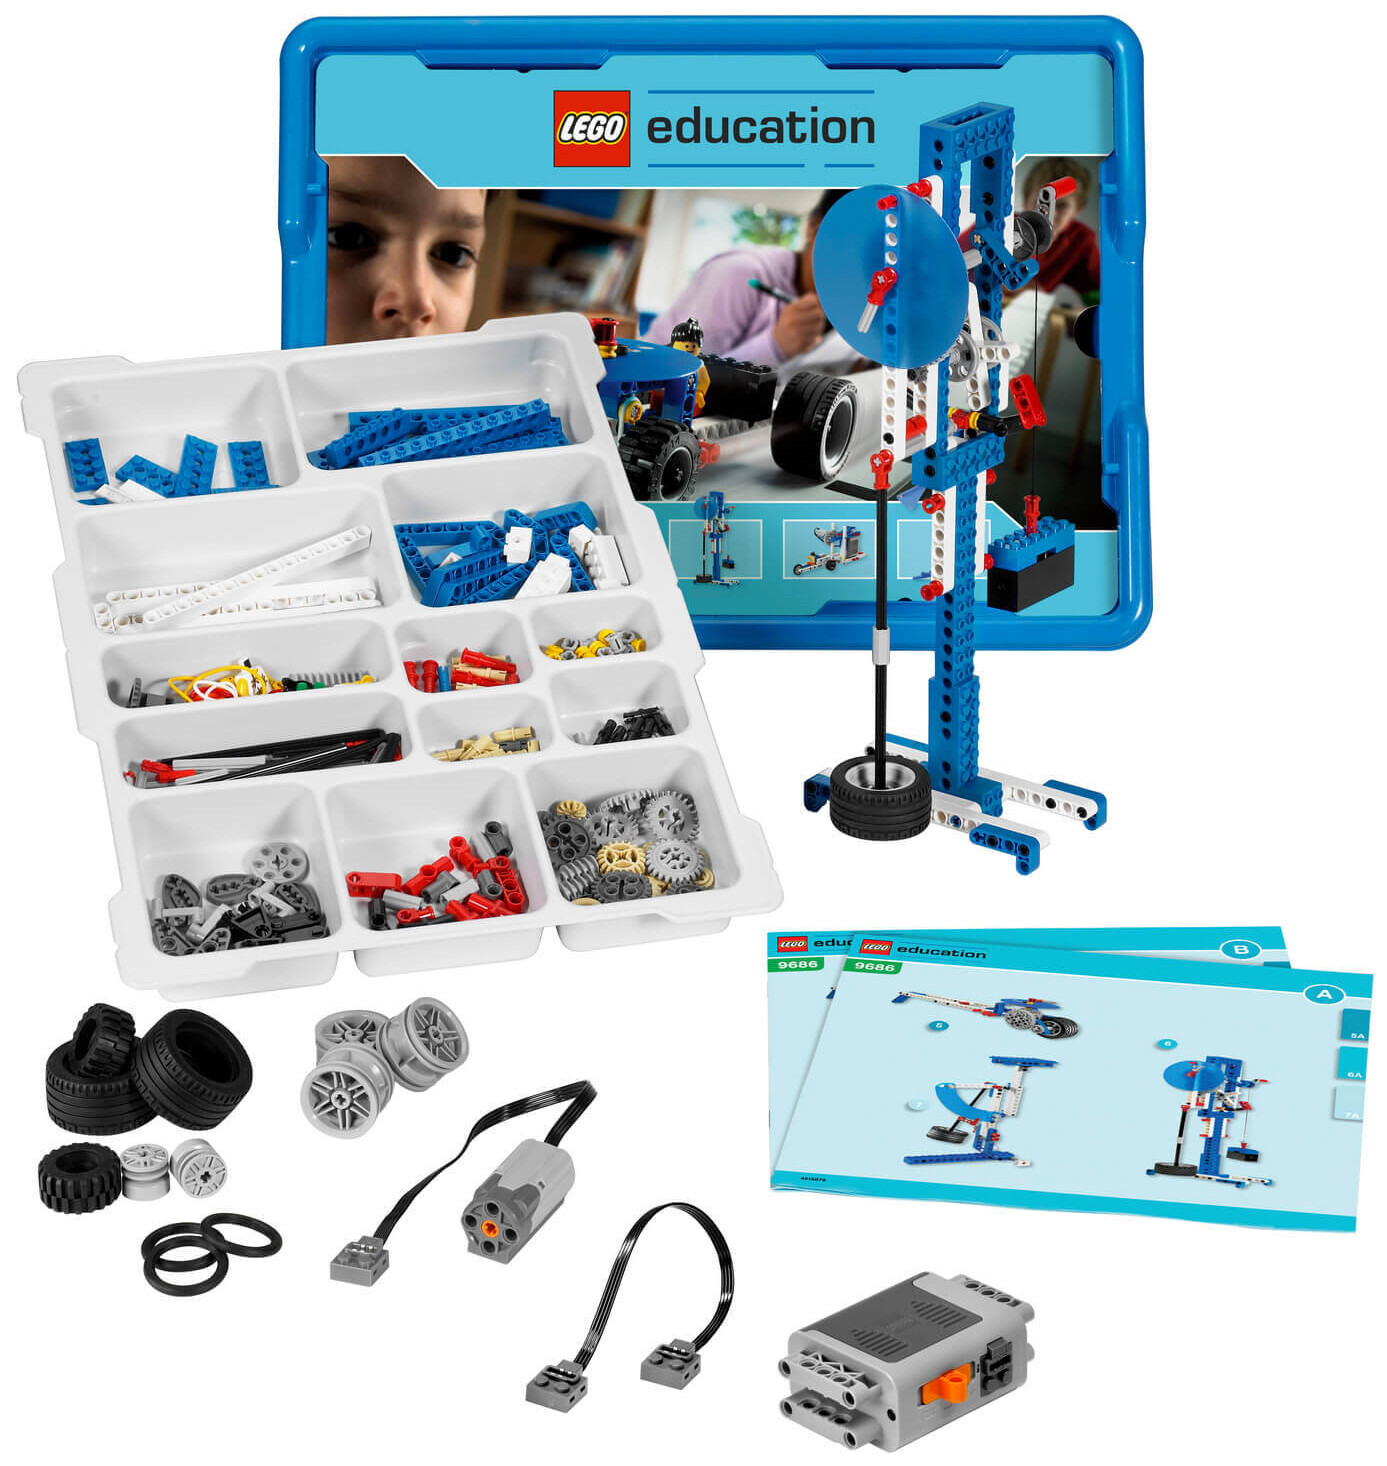 LEGO 9686 Образовательное решение «Технология и основы механики»